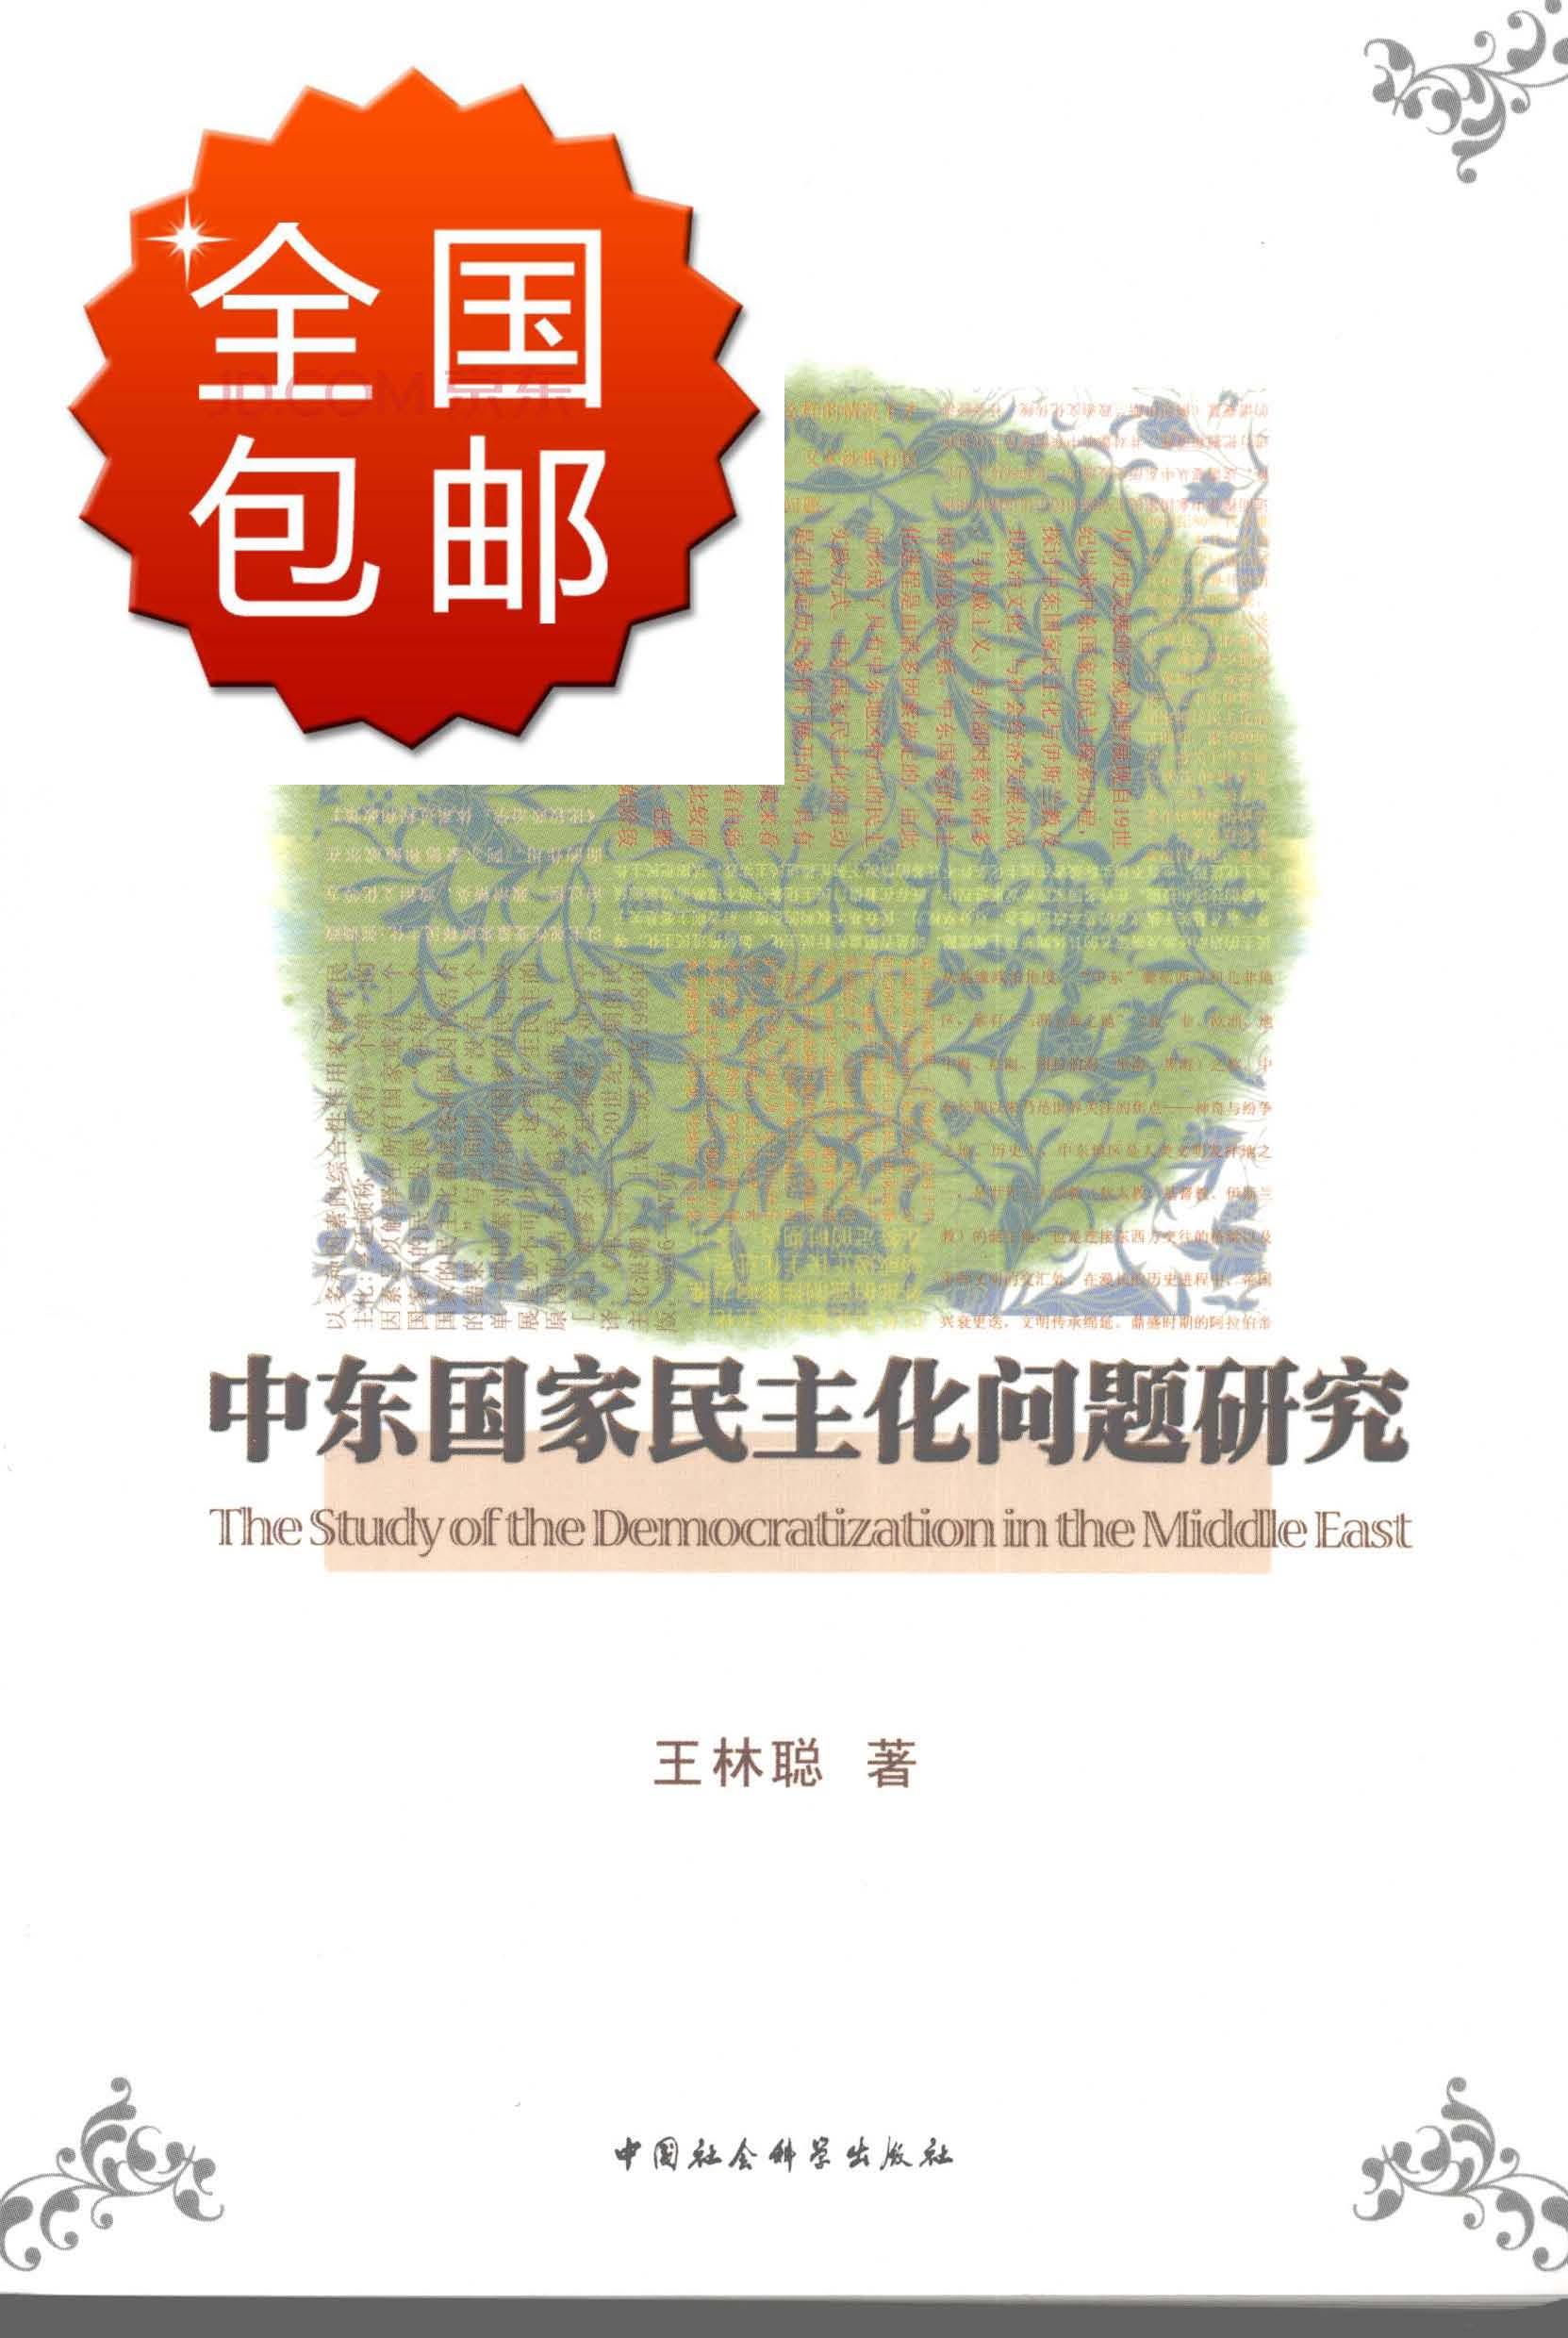 Бесплатная доставка средний восток страна люди господь из проблема исследование исследовать должно быть модель глаз для китай общество может наука больница большой урок название